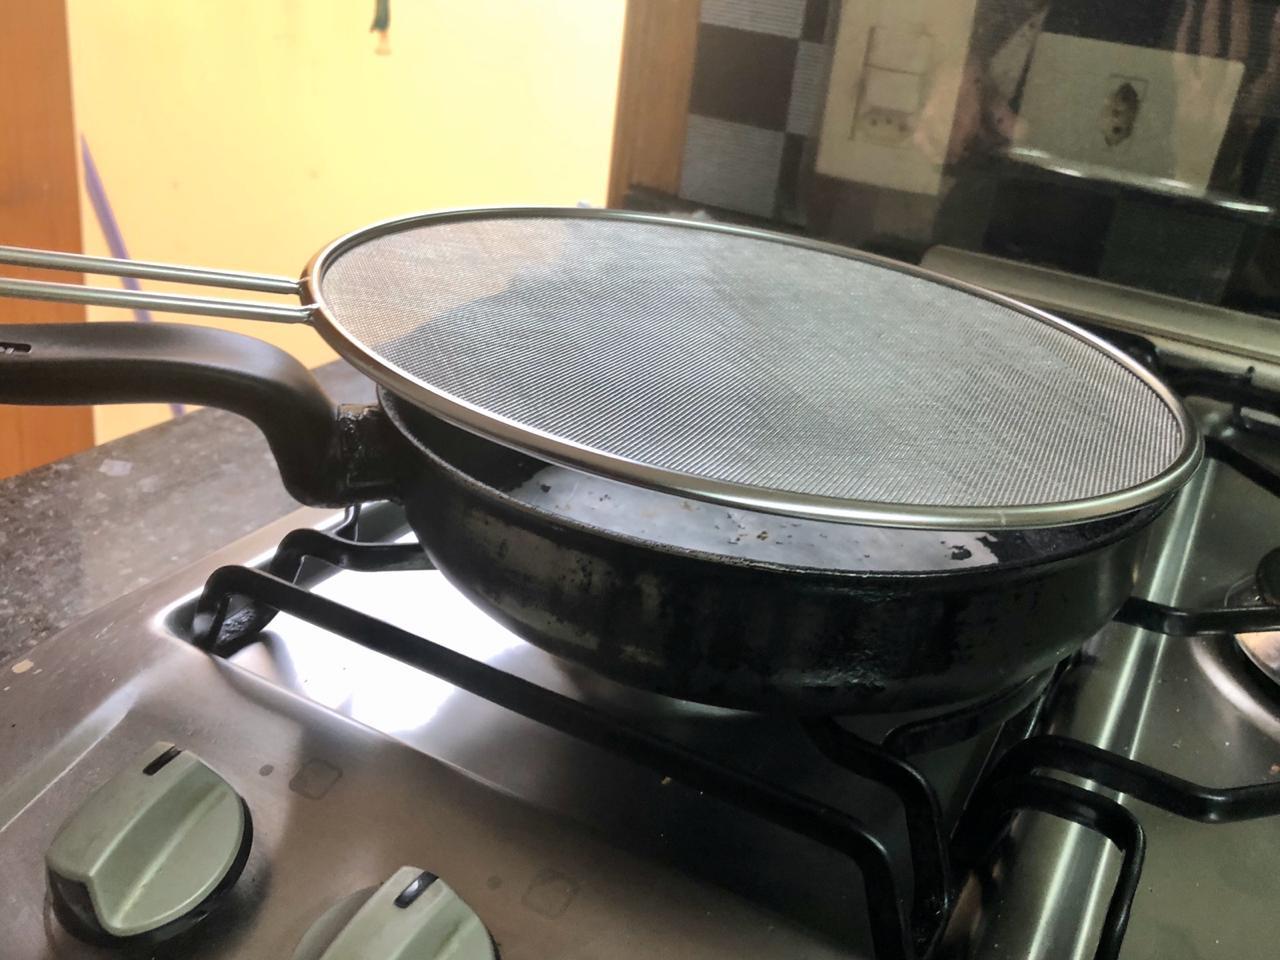 Tela anti respingo fritura aço inox 25cm MimoStyle